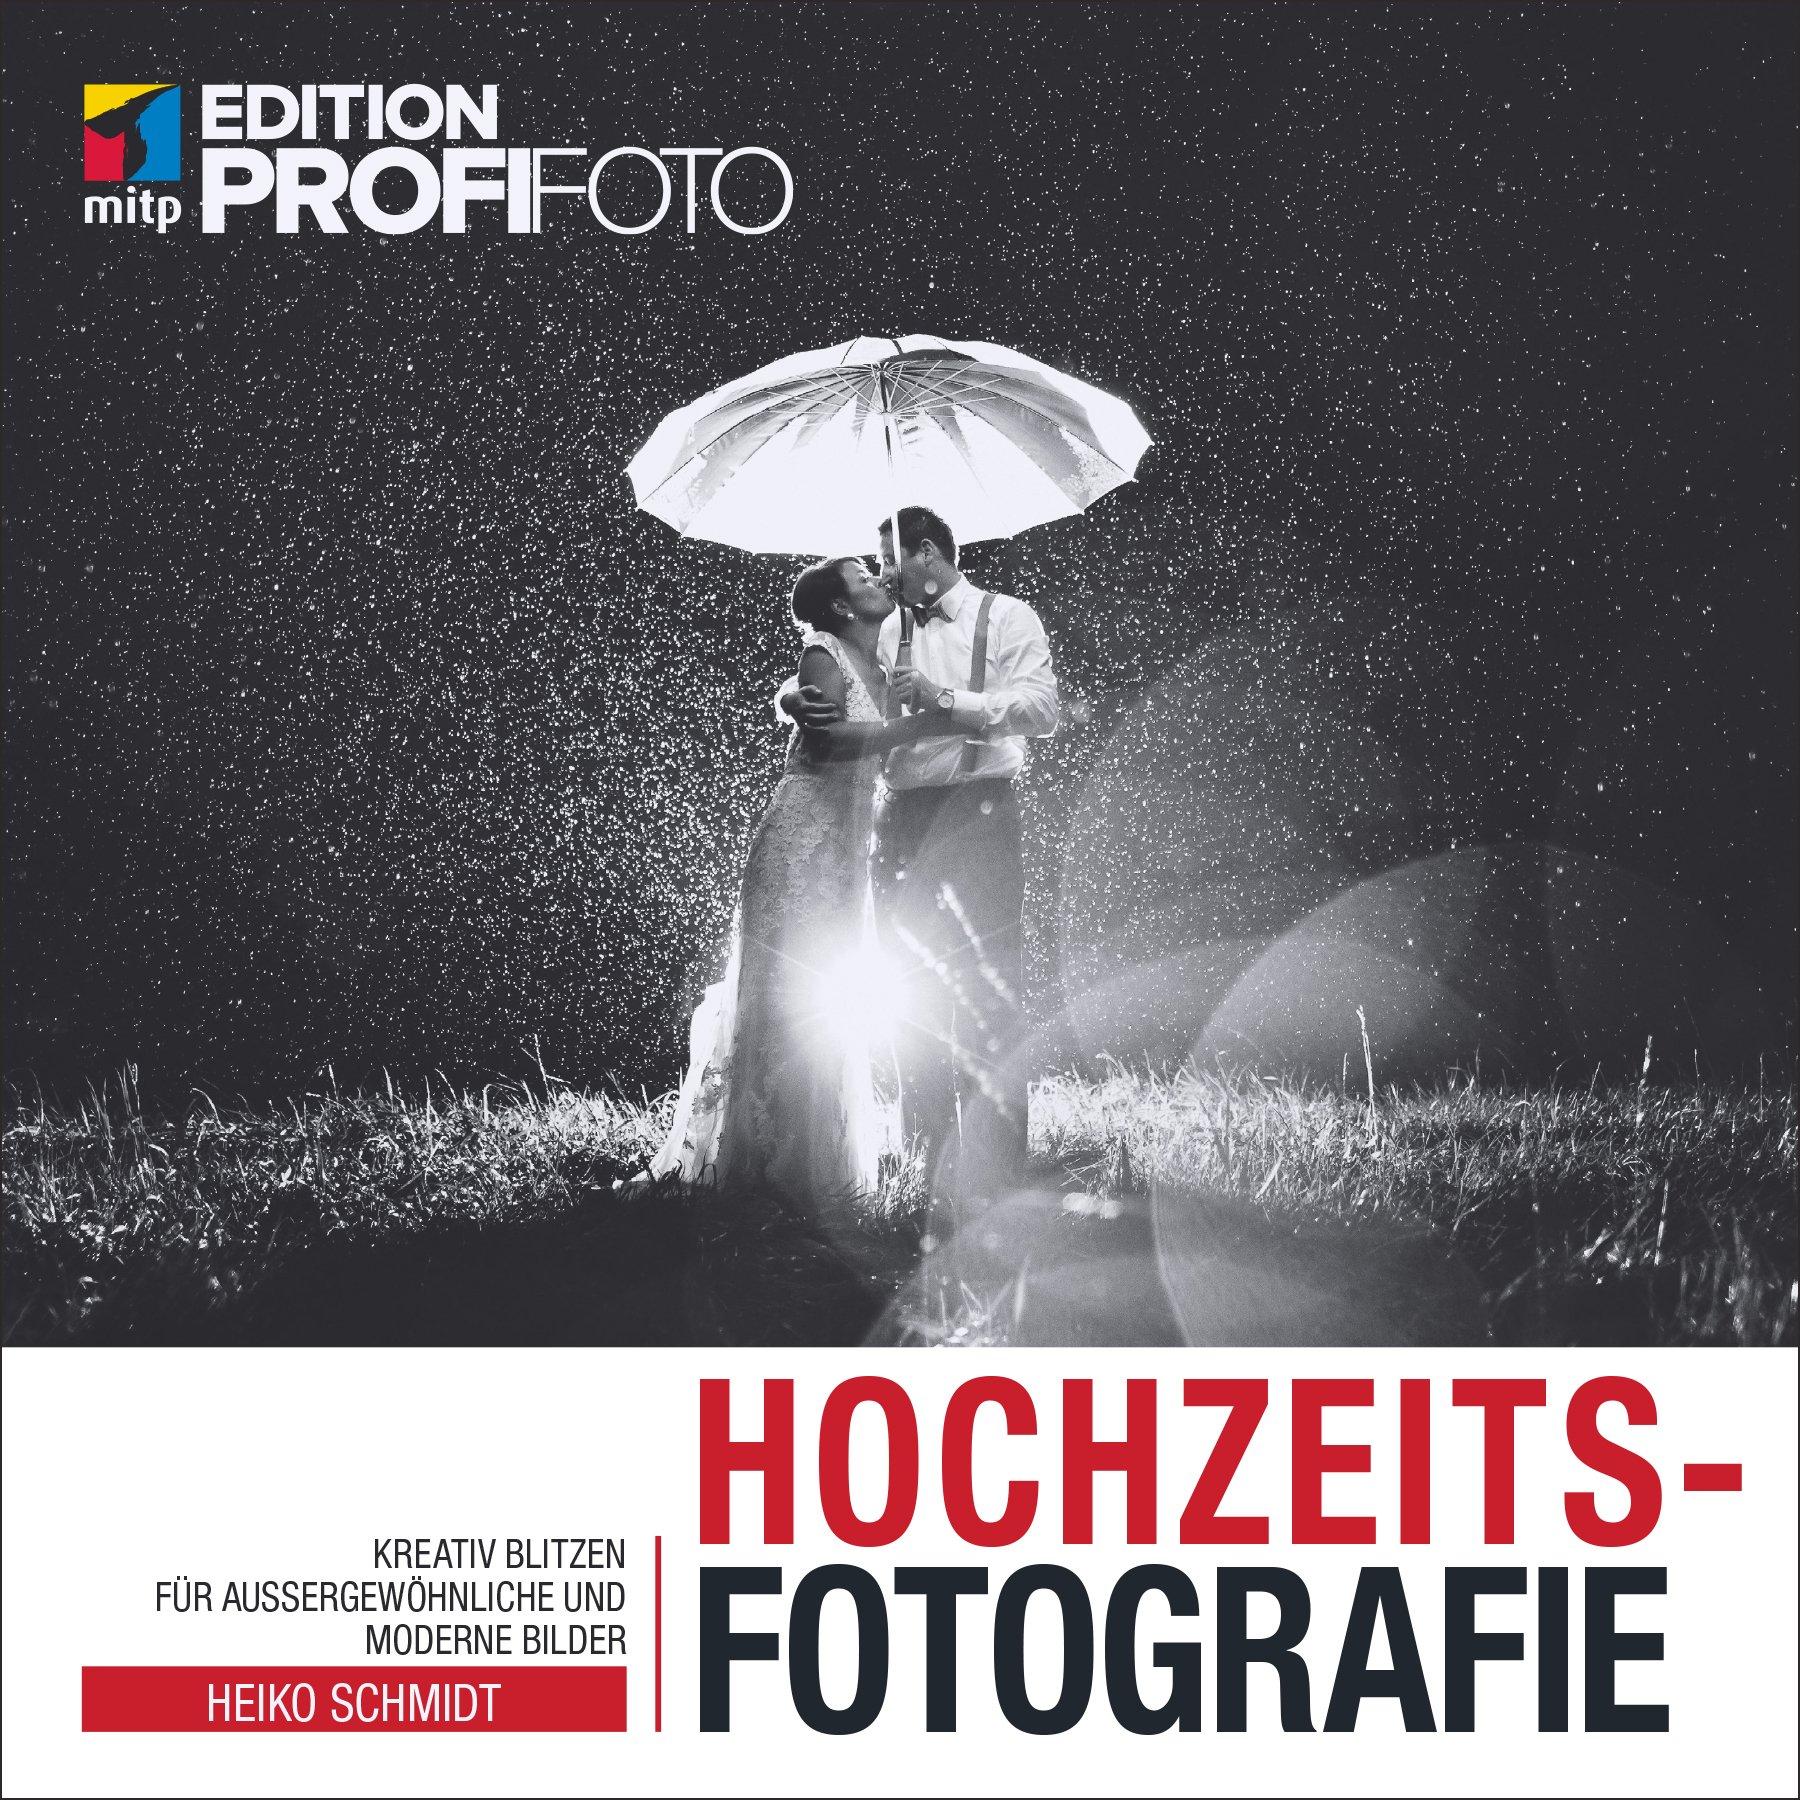 Hochzeitsfotografie: Mit kreativen Blitztechniken zu außergewöhnlichen Fotos (mitp Edition ProfiFoto) Broschiert – 31. August 2017 Heiko Schmidt 3958456197 Farbfotografie Photo